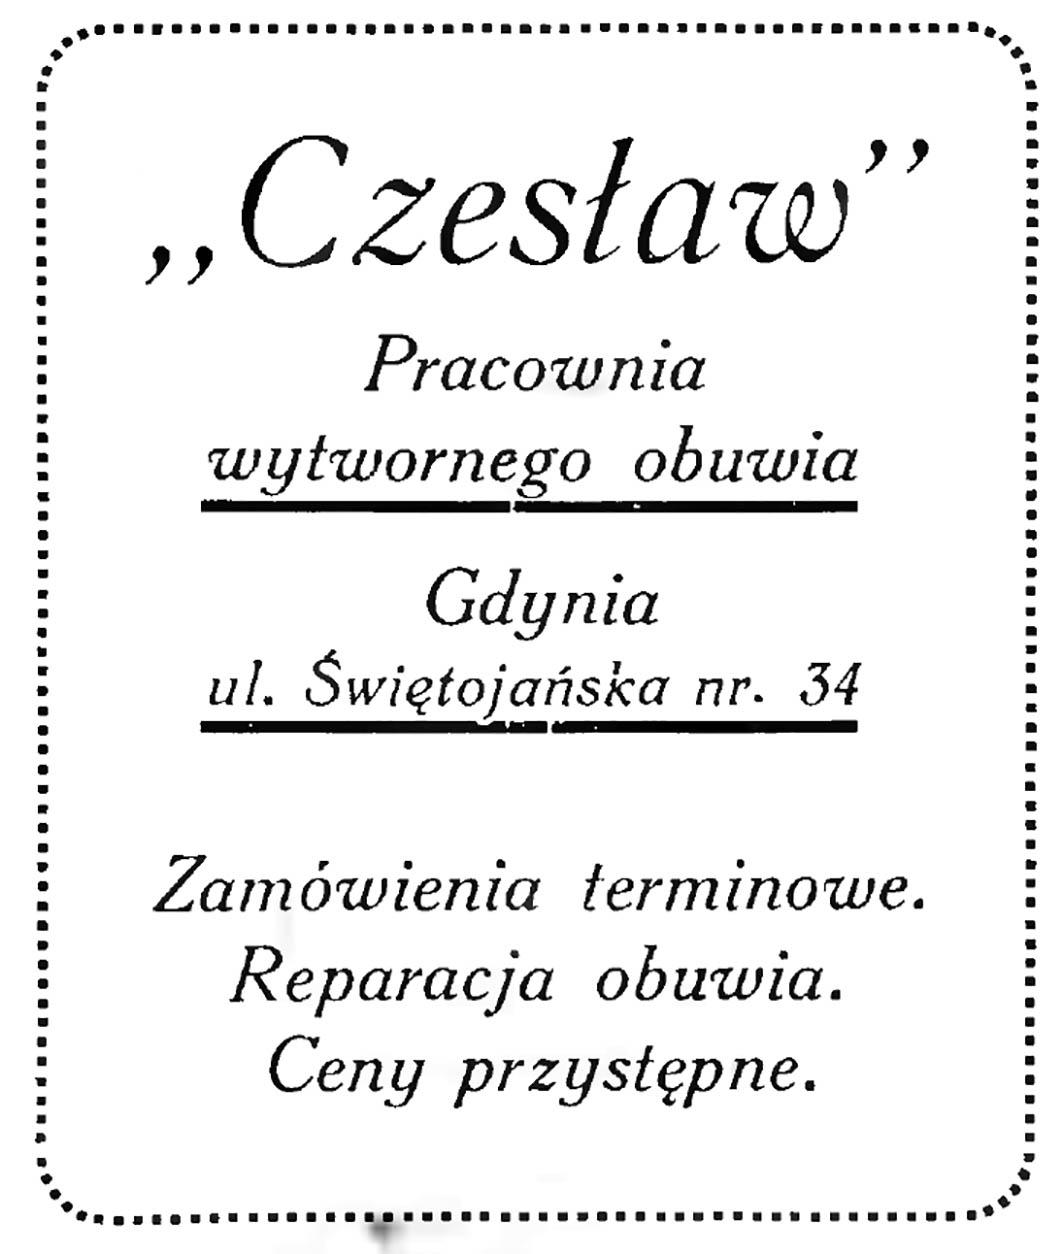 Czesław Pracownia wytwornego obuwia